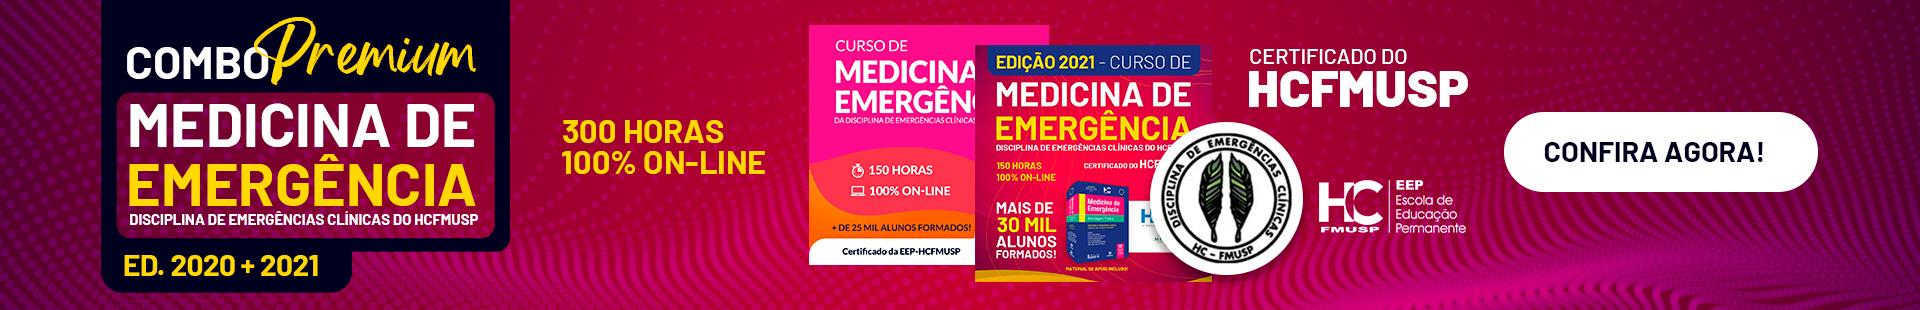 combo-medicina-de-emergencia-premium/p